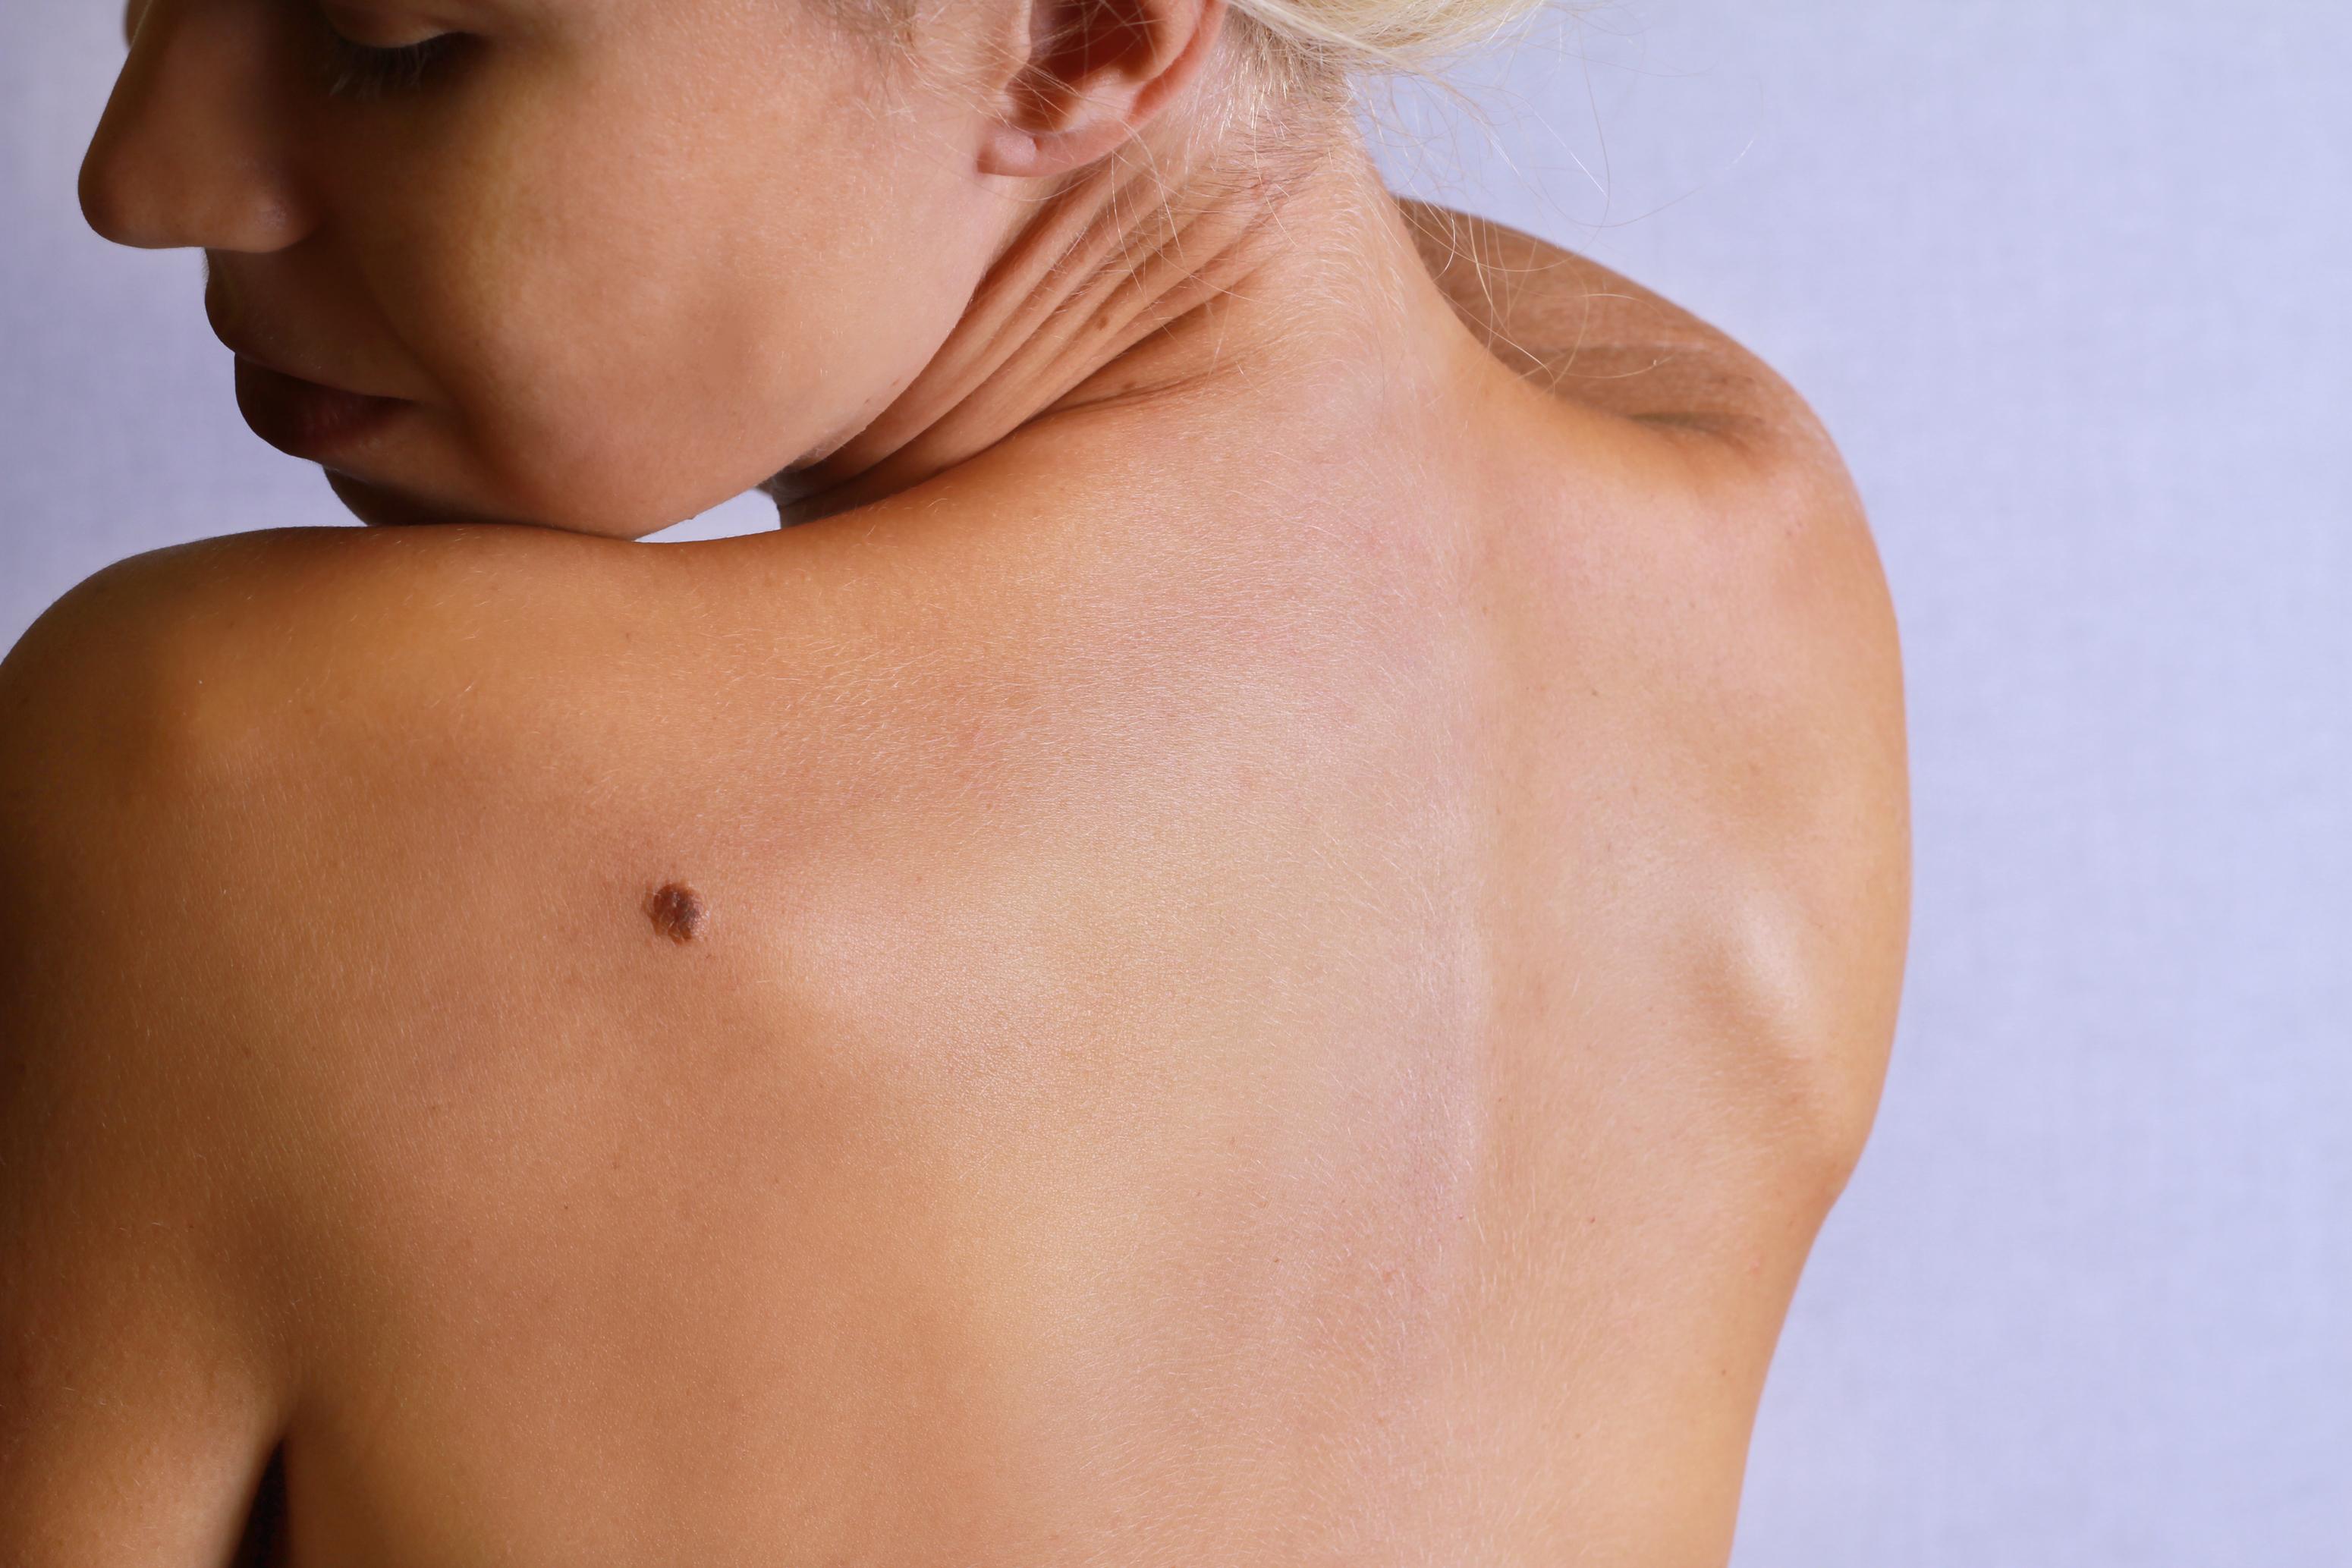 Bristol skin tag removal